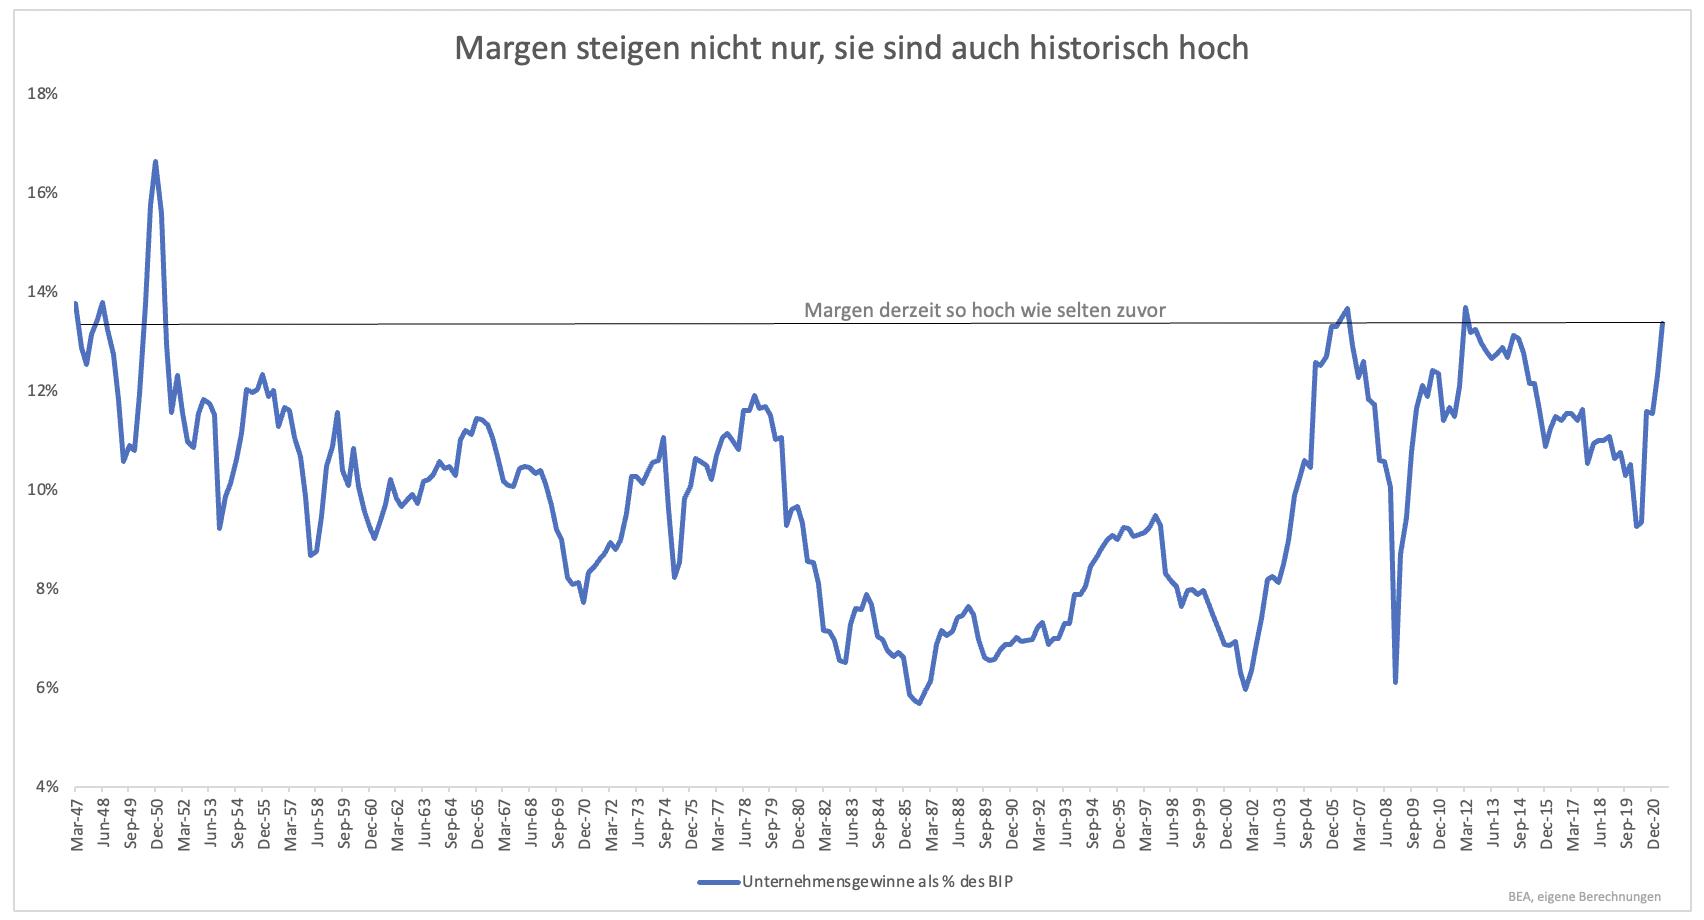 Wie-sich-der-heutige-Aktienmarkt-von-der-letzten-großen-Spekulationsblase-unterscheidet-Kommentar-Clemens-Schmale-GodmodeTrader.de-3